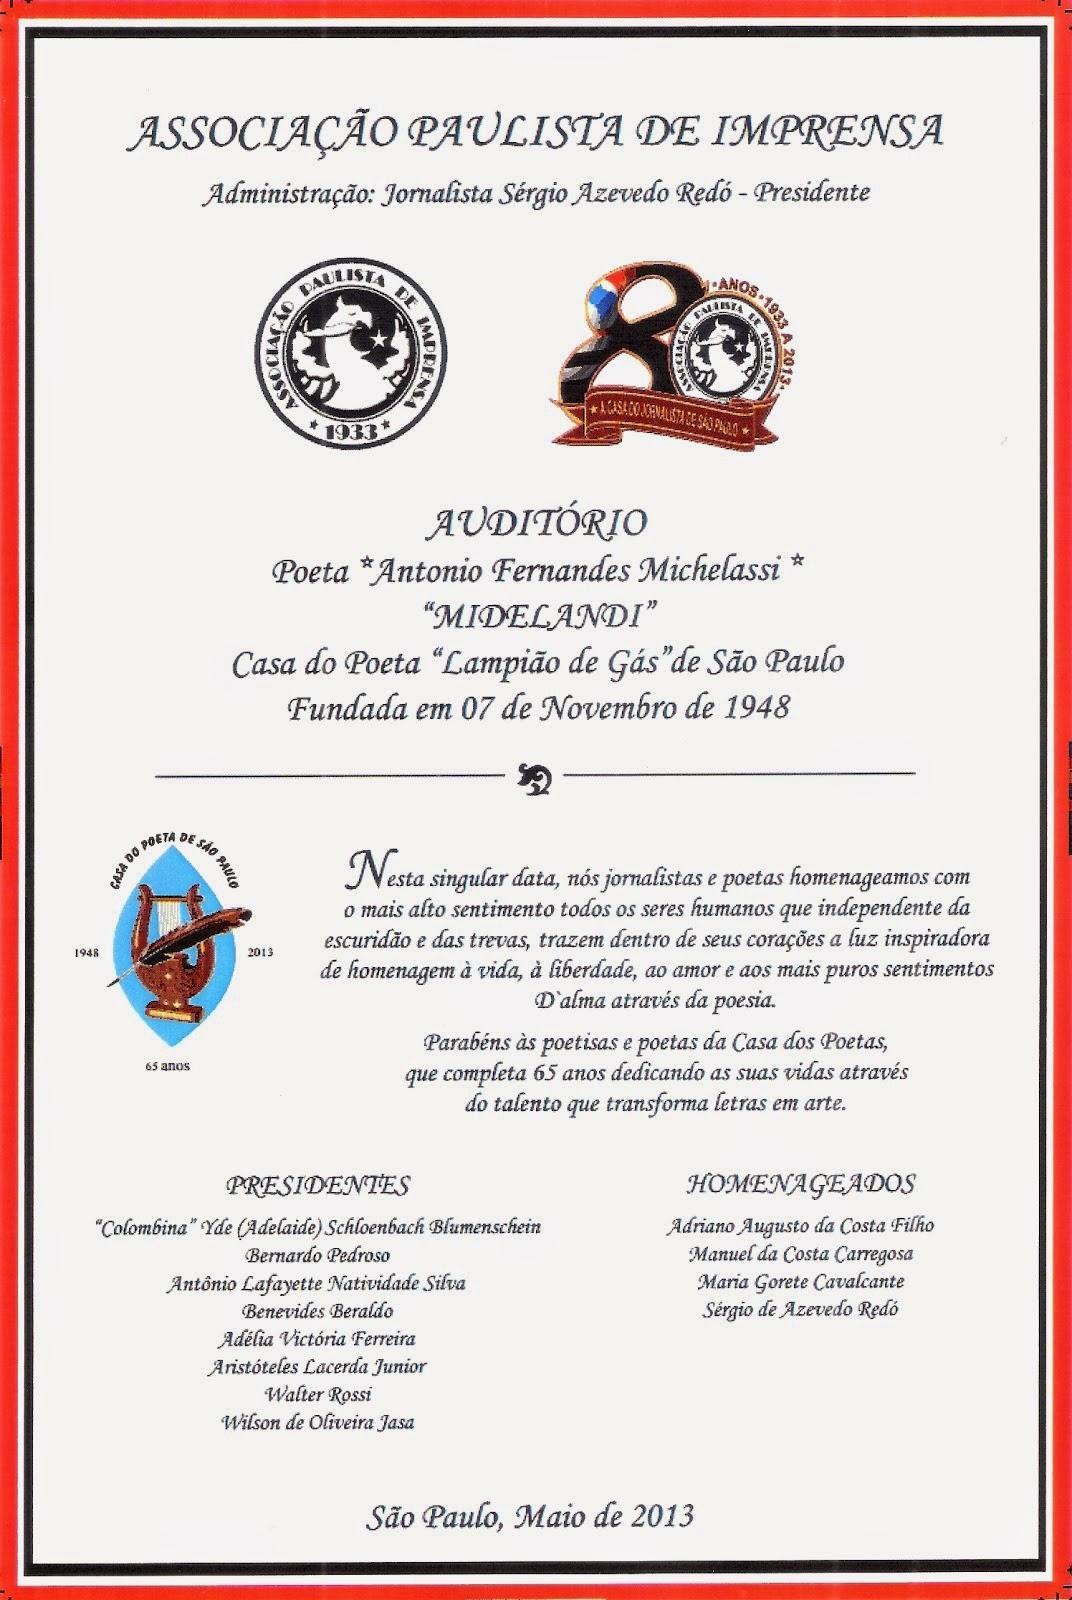 Associação Paulista de Emprensa